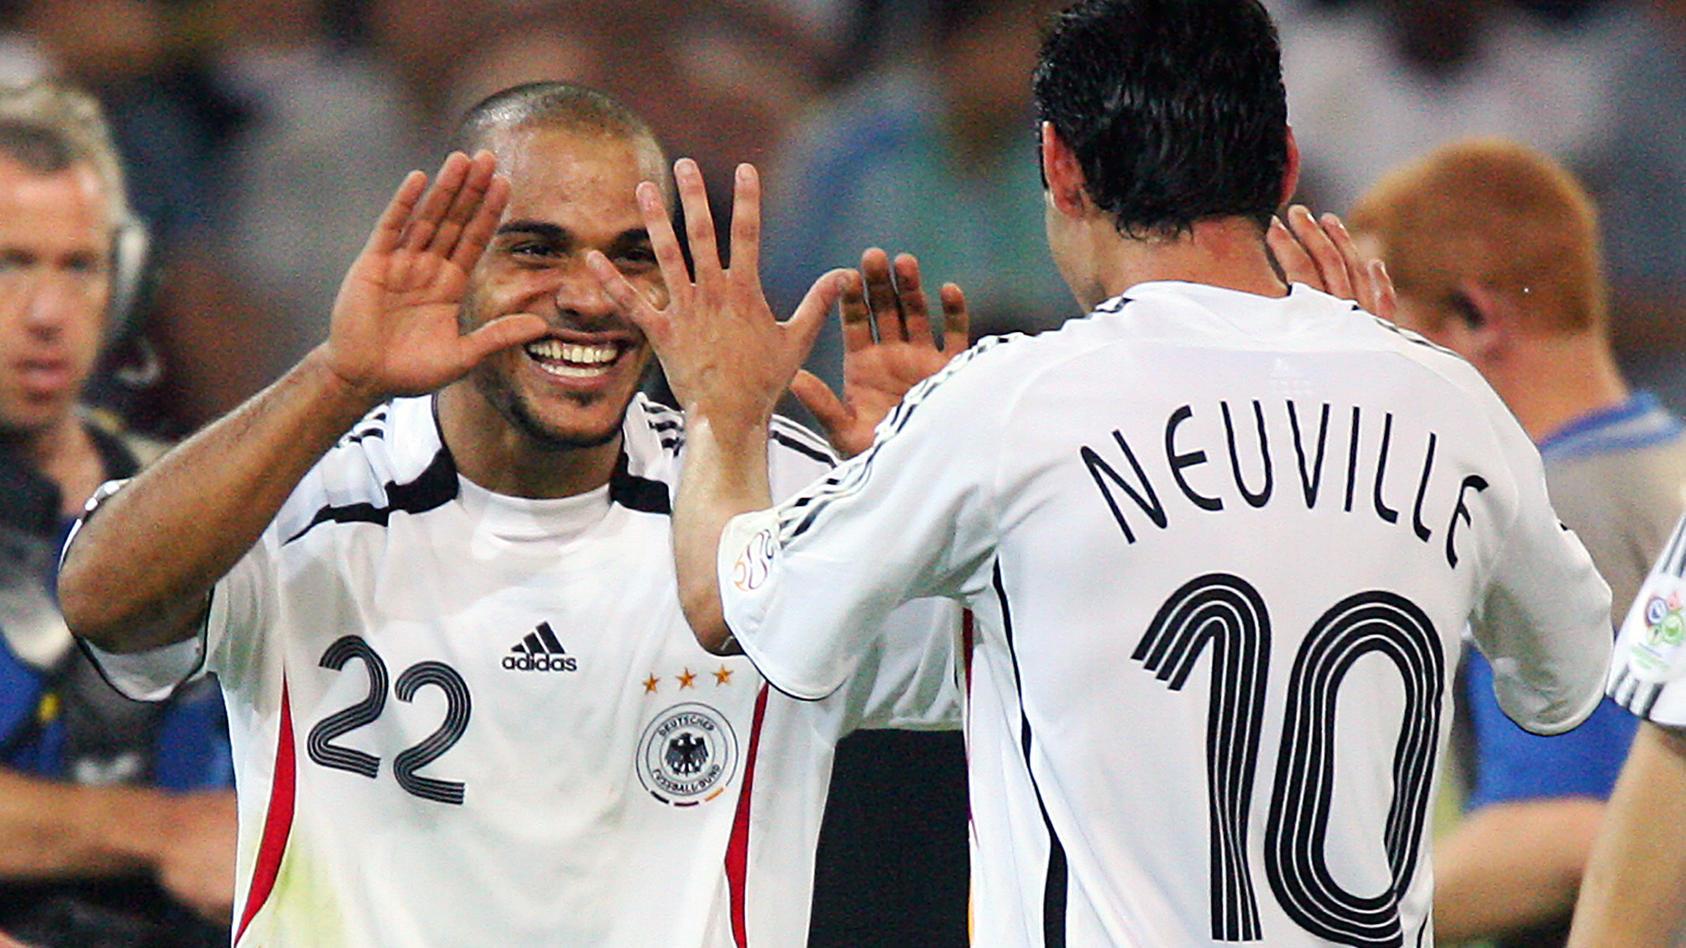 Unvergesslich: Dank einer genialen Co-Produktion von David Odonkor und Oliver Neuville gewinnt Deutschland bei der Heim-WM 2006 1:0 gegen Polen.